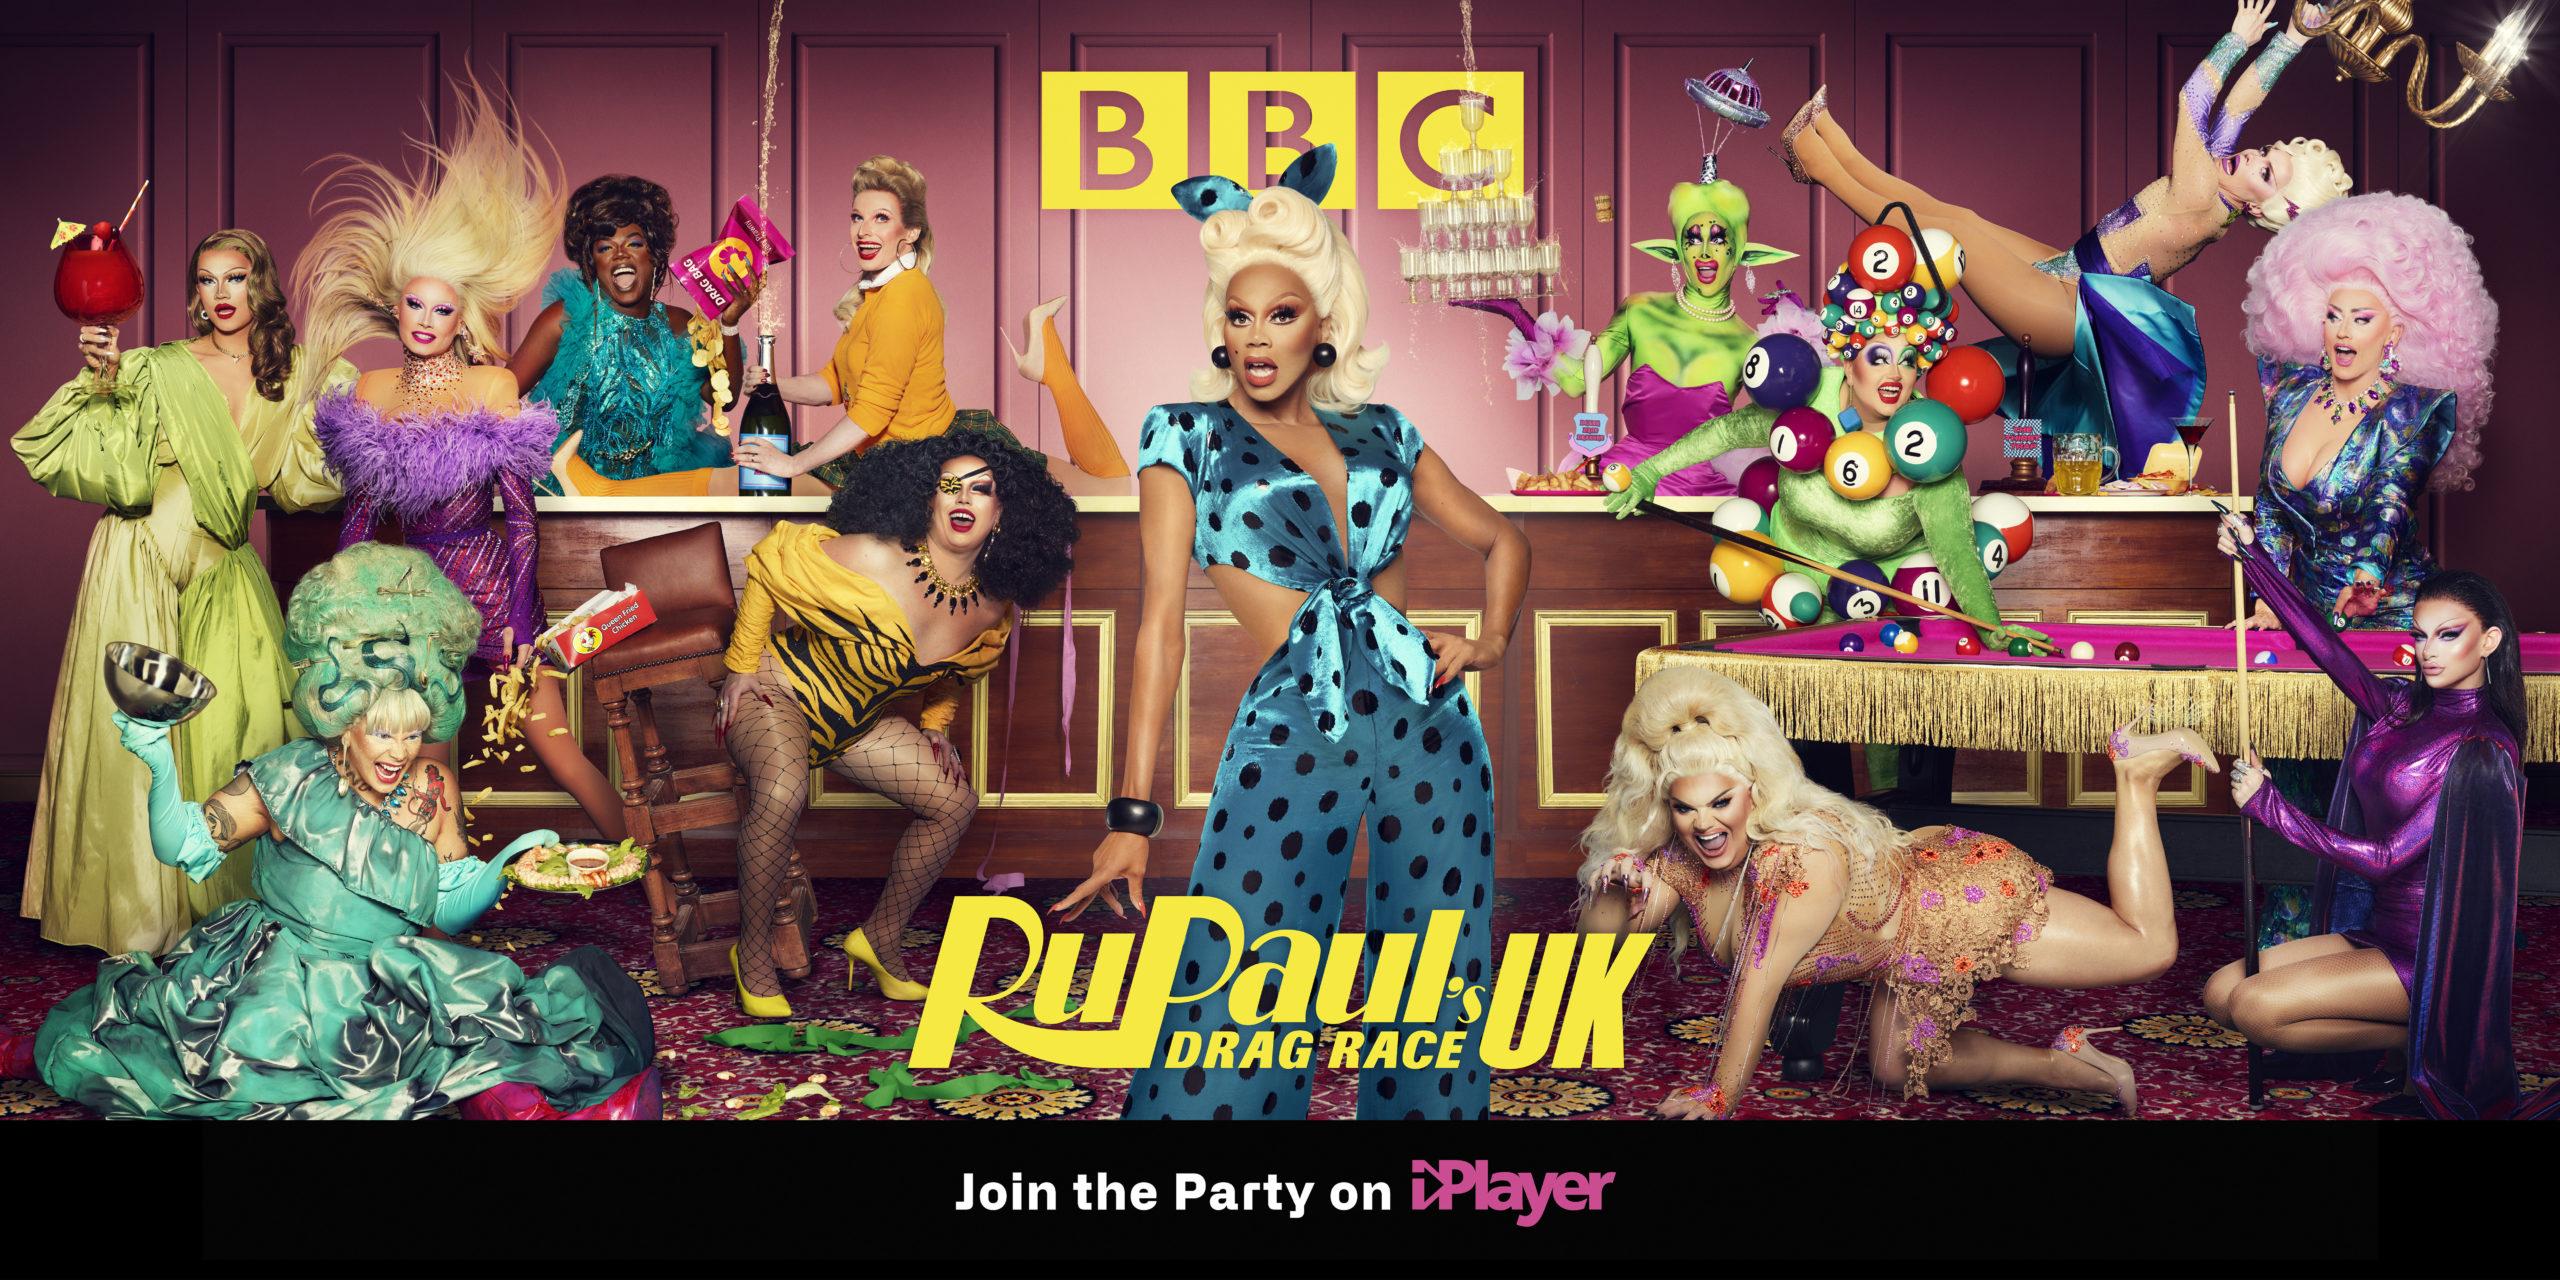 Ru Paul's Drag Race UK Season 3